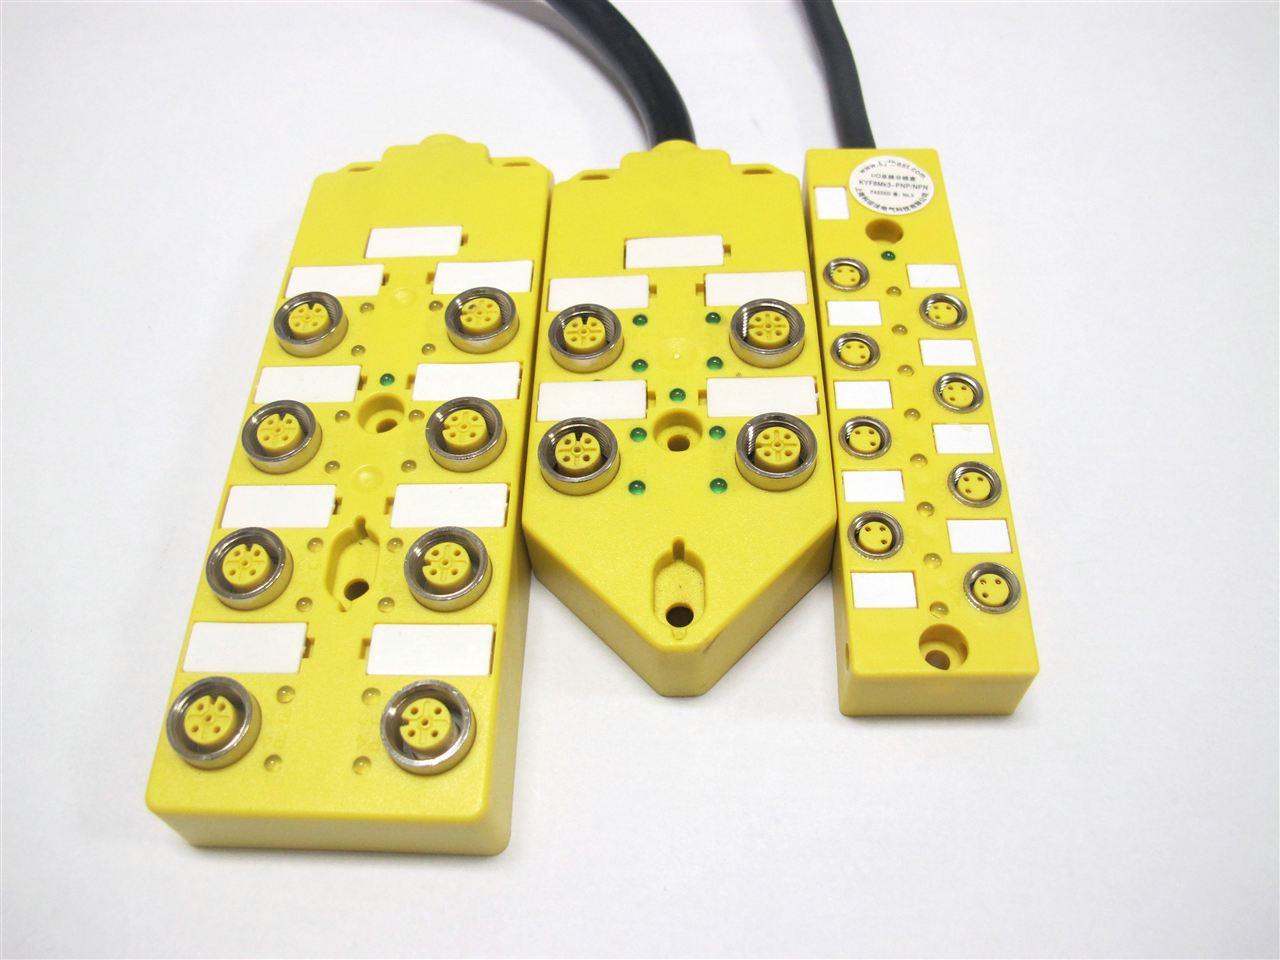 科迎法特别值得指出的是M12多接口分线盒是为实现从控制柜到现场*的插入解决方案而设计的。